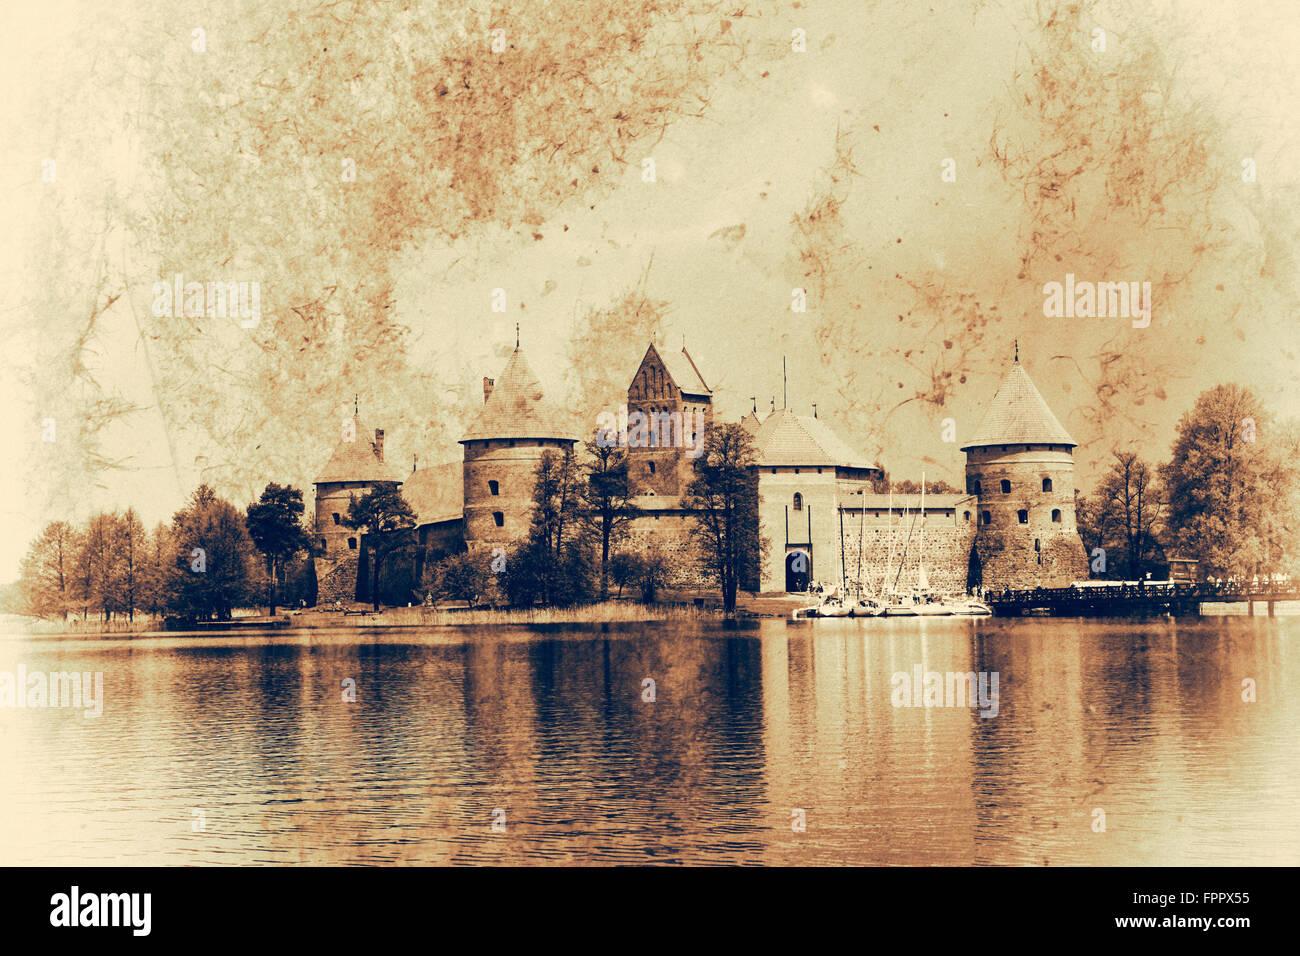 Trakai Island Castle, Lithuania. - Stock Image